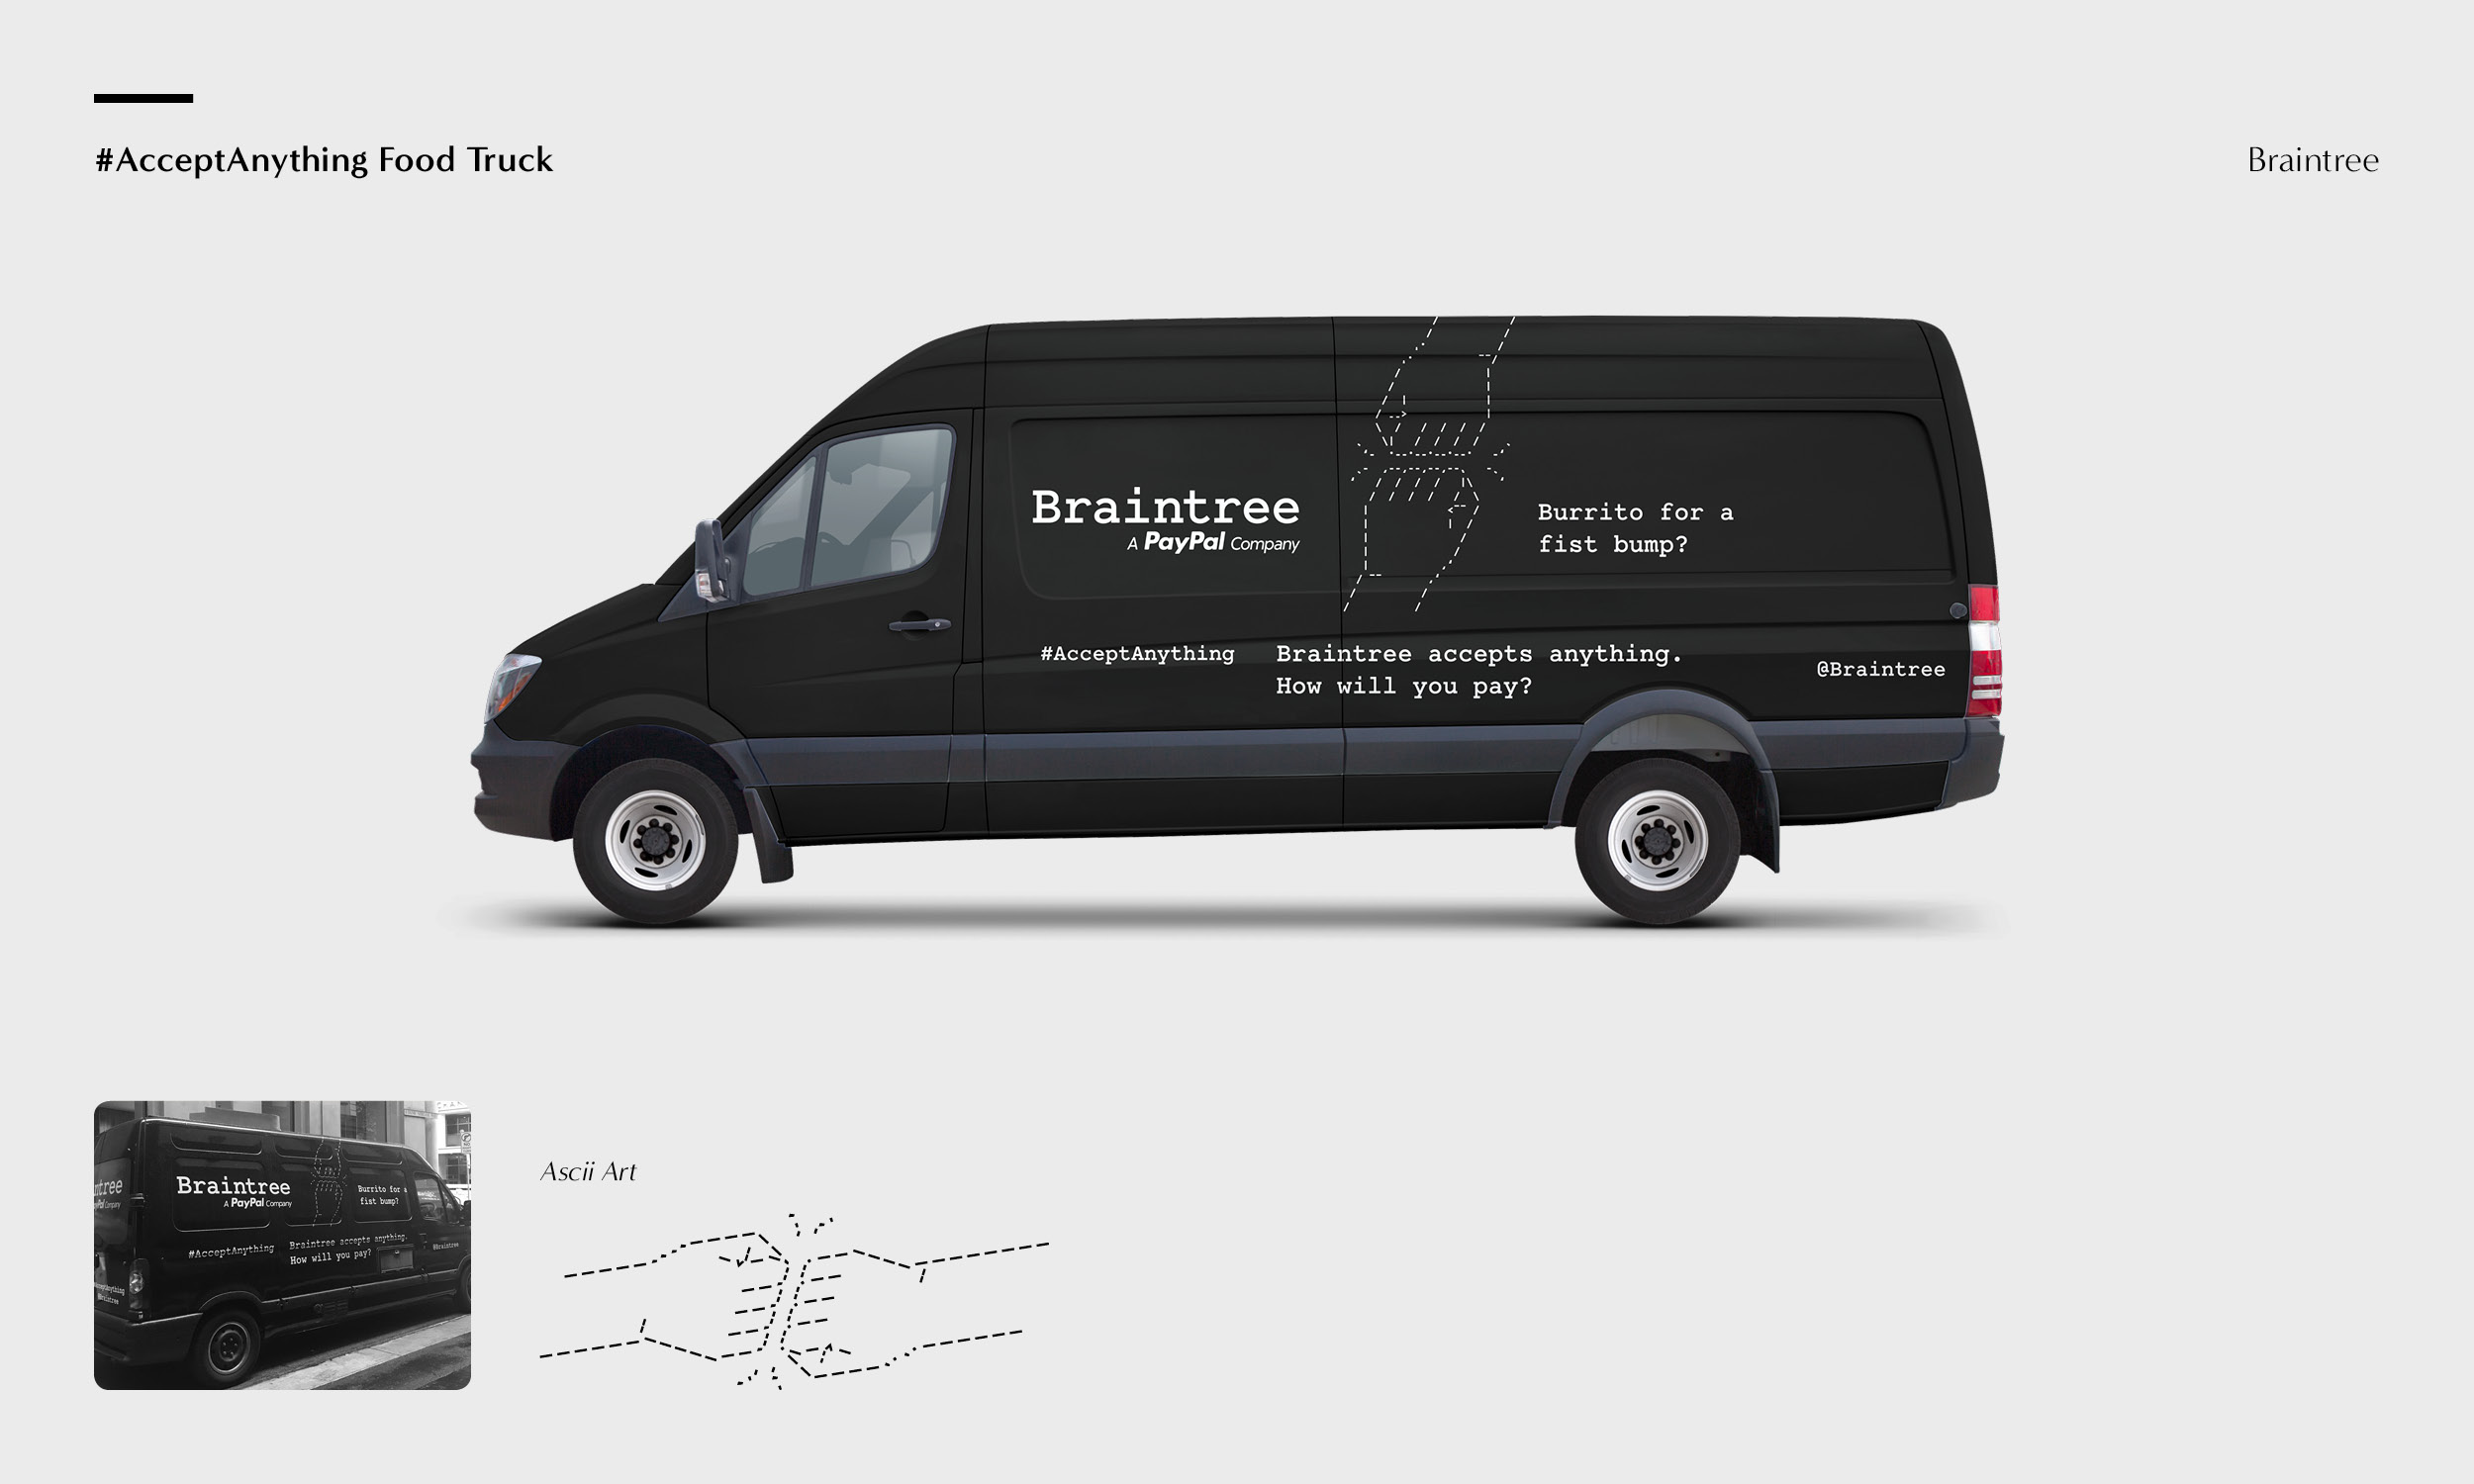 Braintree_AsciiArt3.jpg